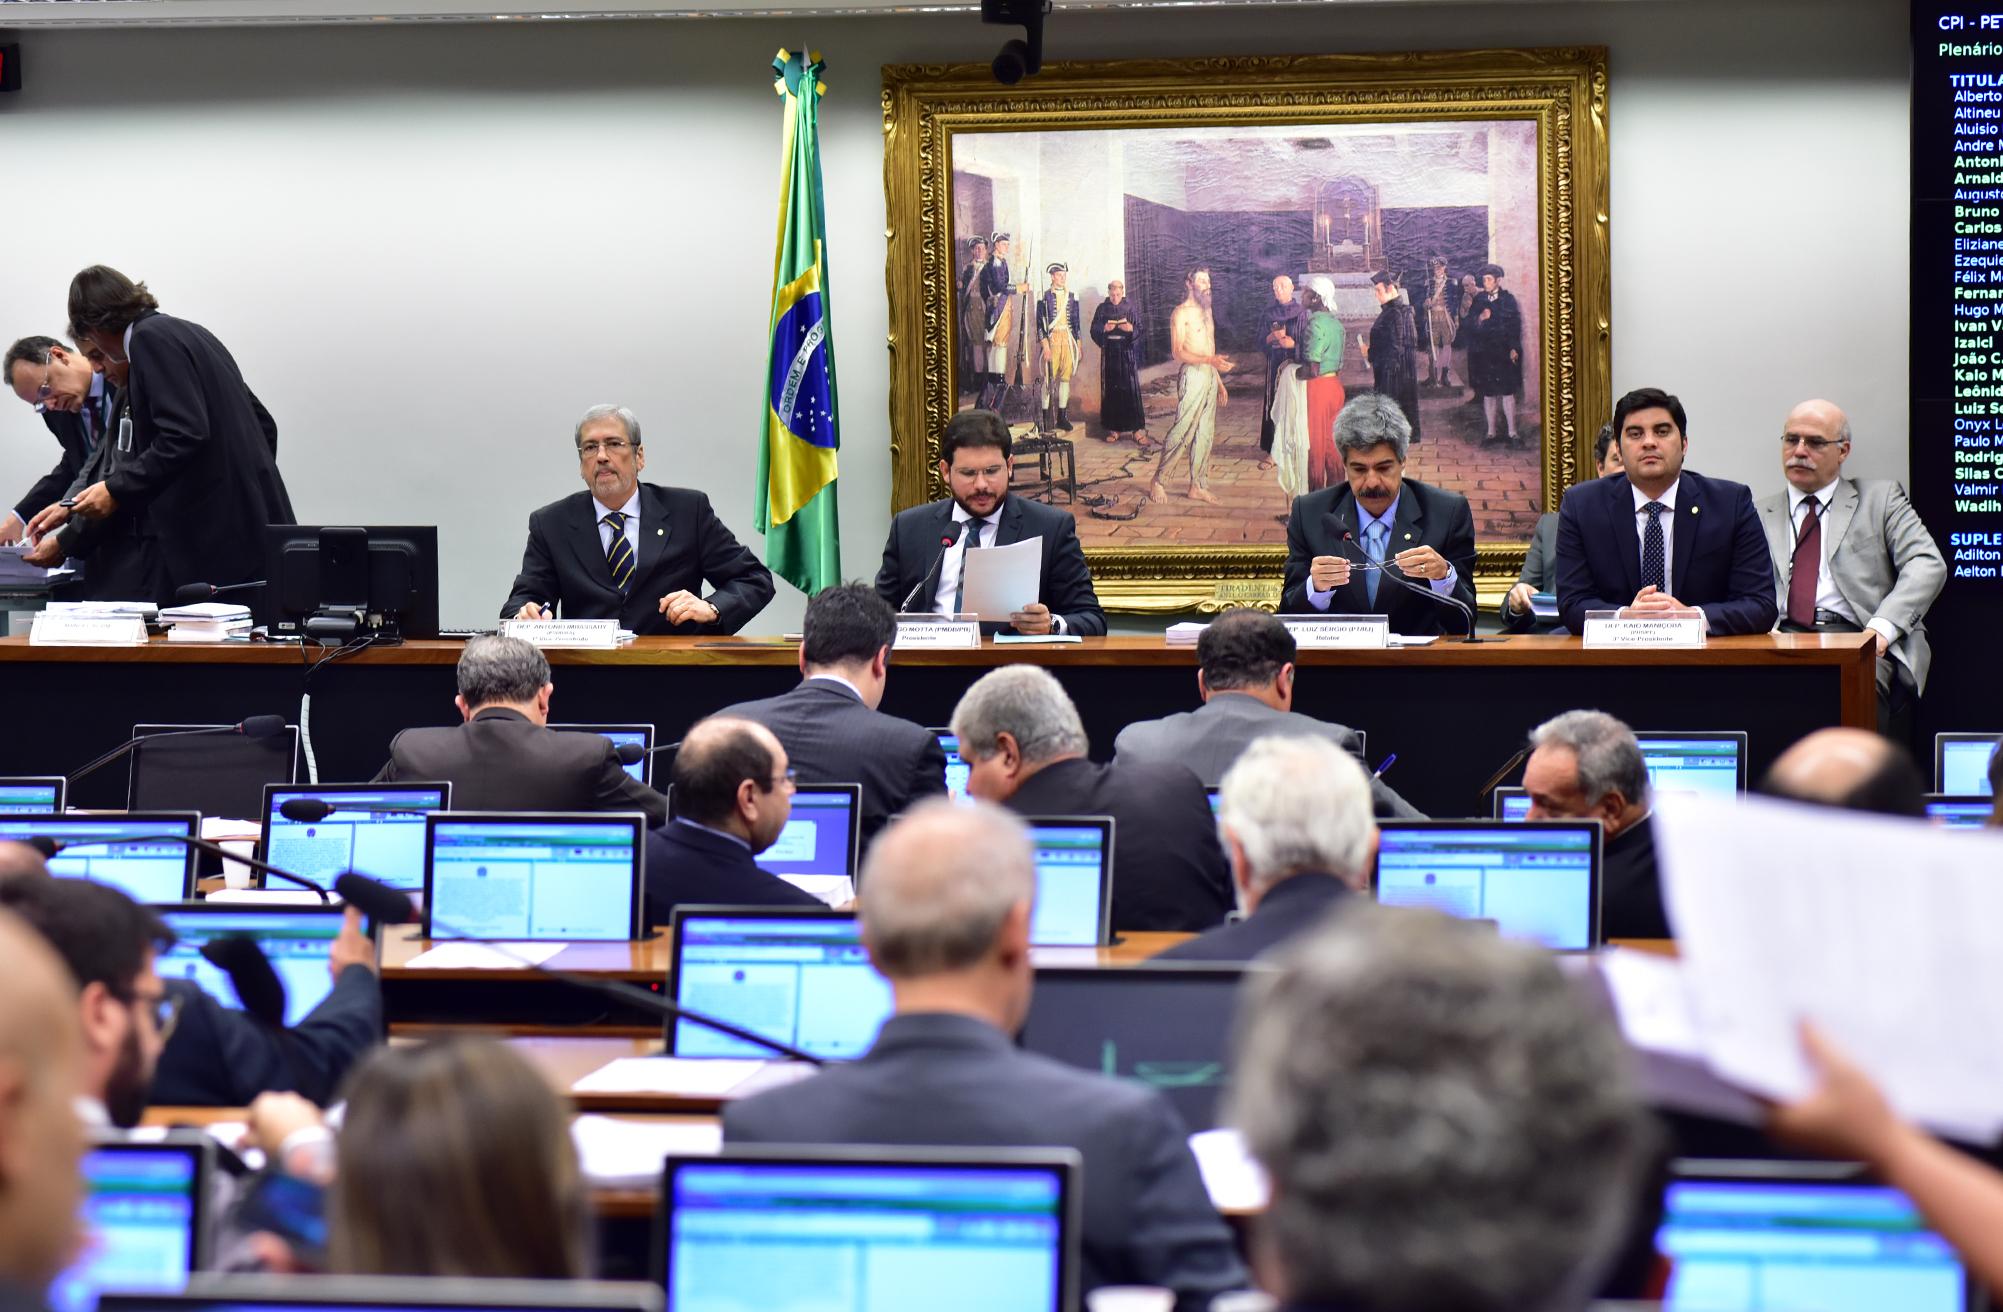 Reunião ordinária para votação do Relatório Final da CPI